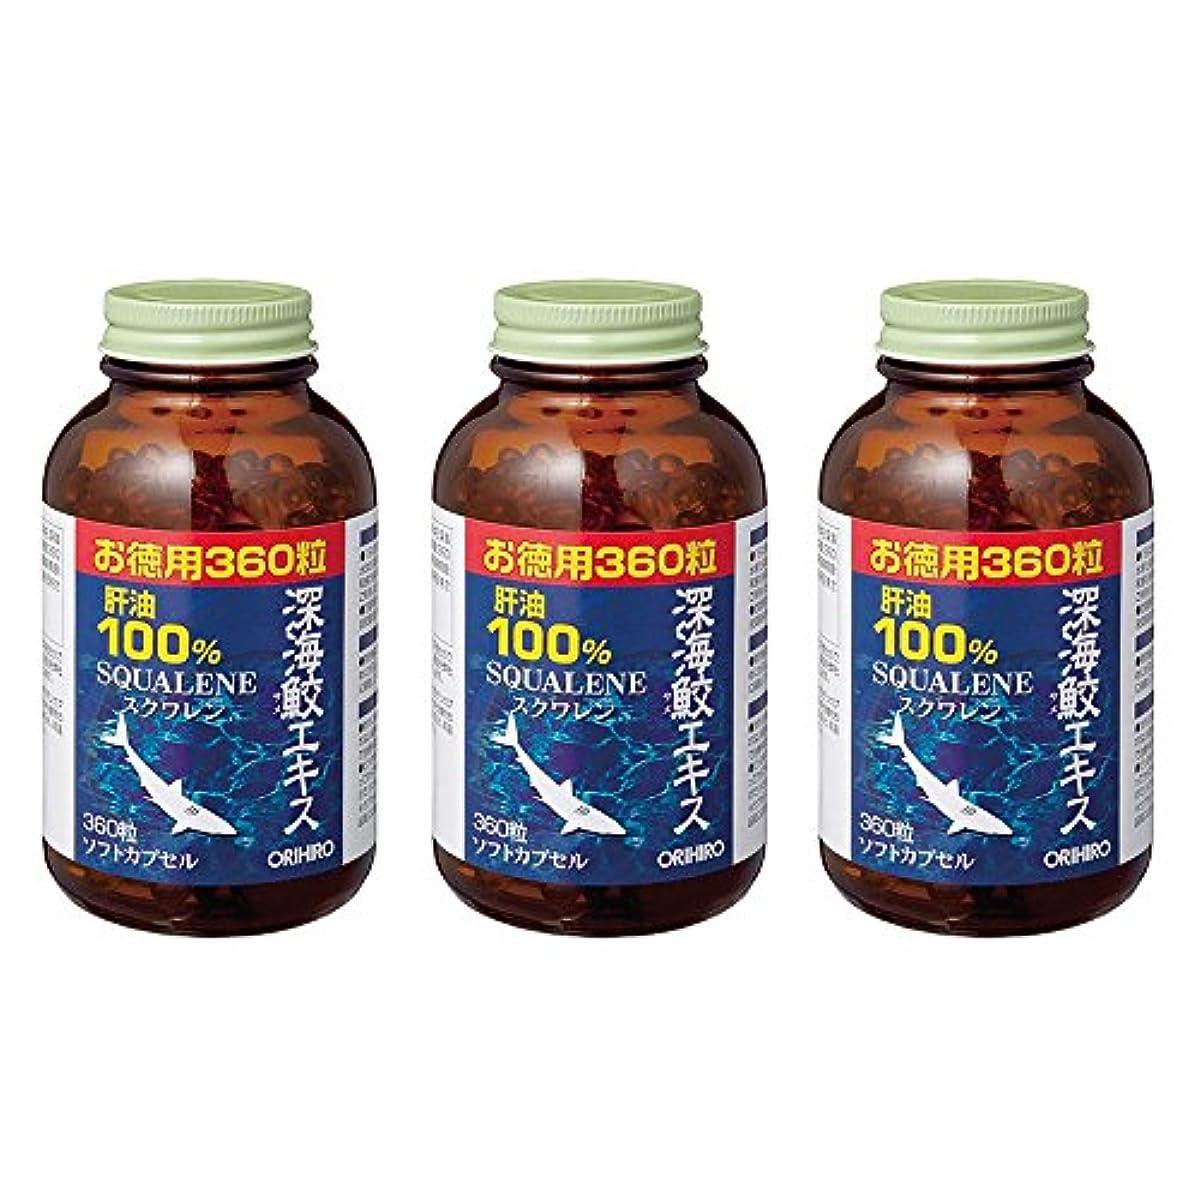 起こる極貧購入【3点セット】オリヒロ 深海鮫エキスカプセル徳用 360粒